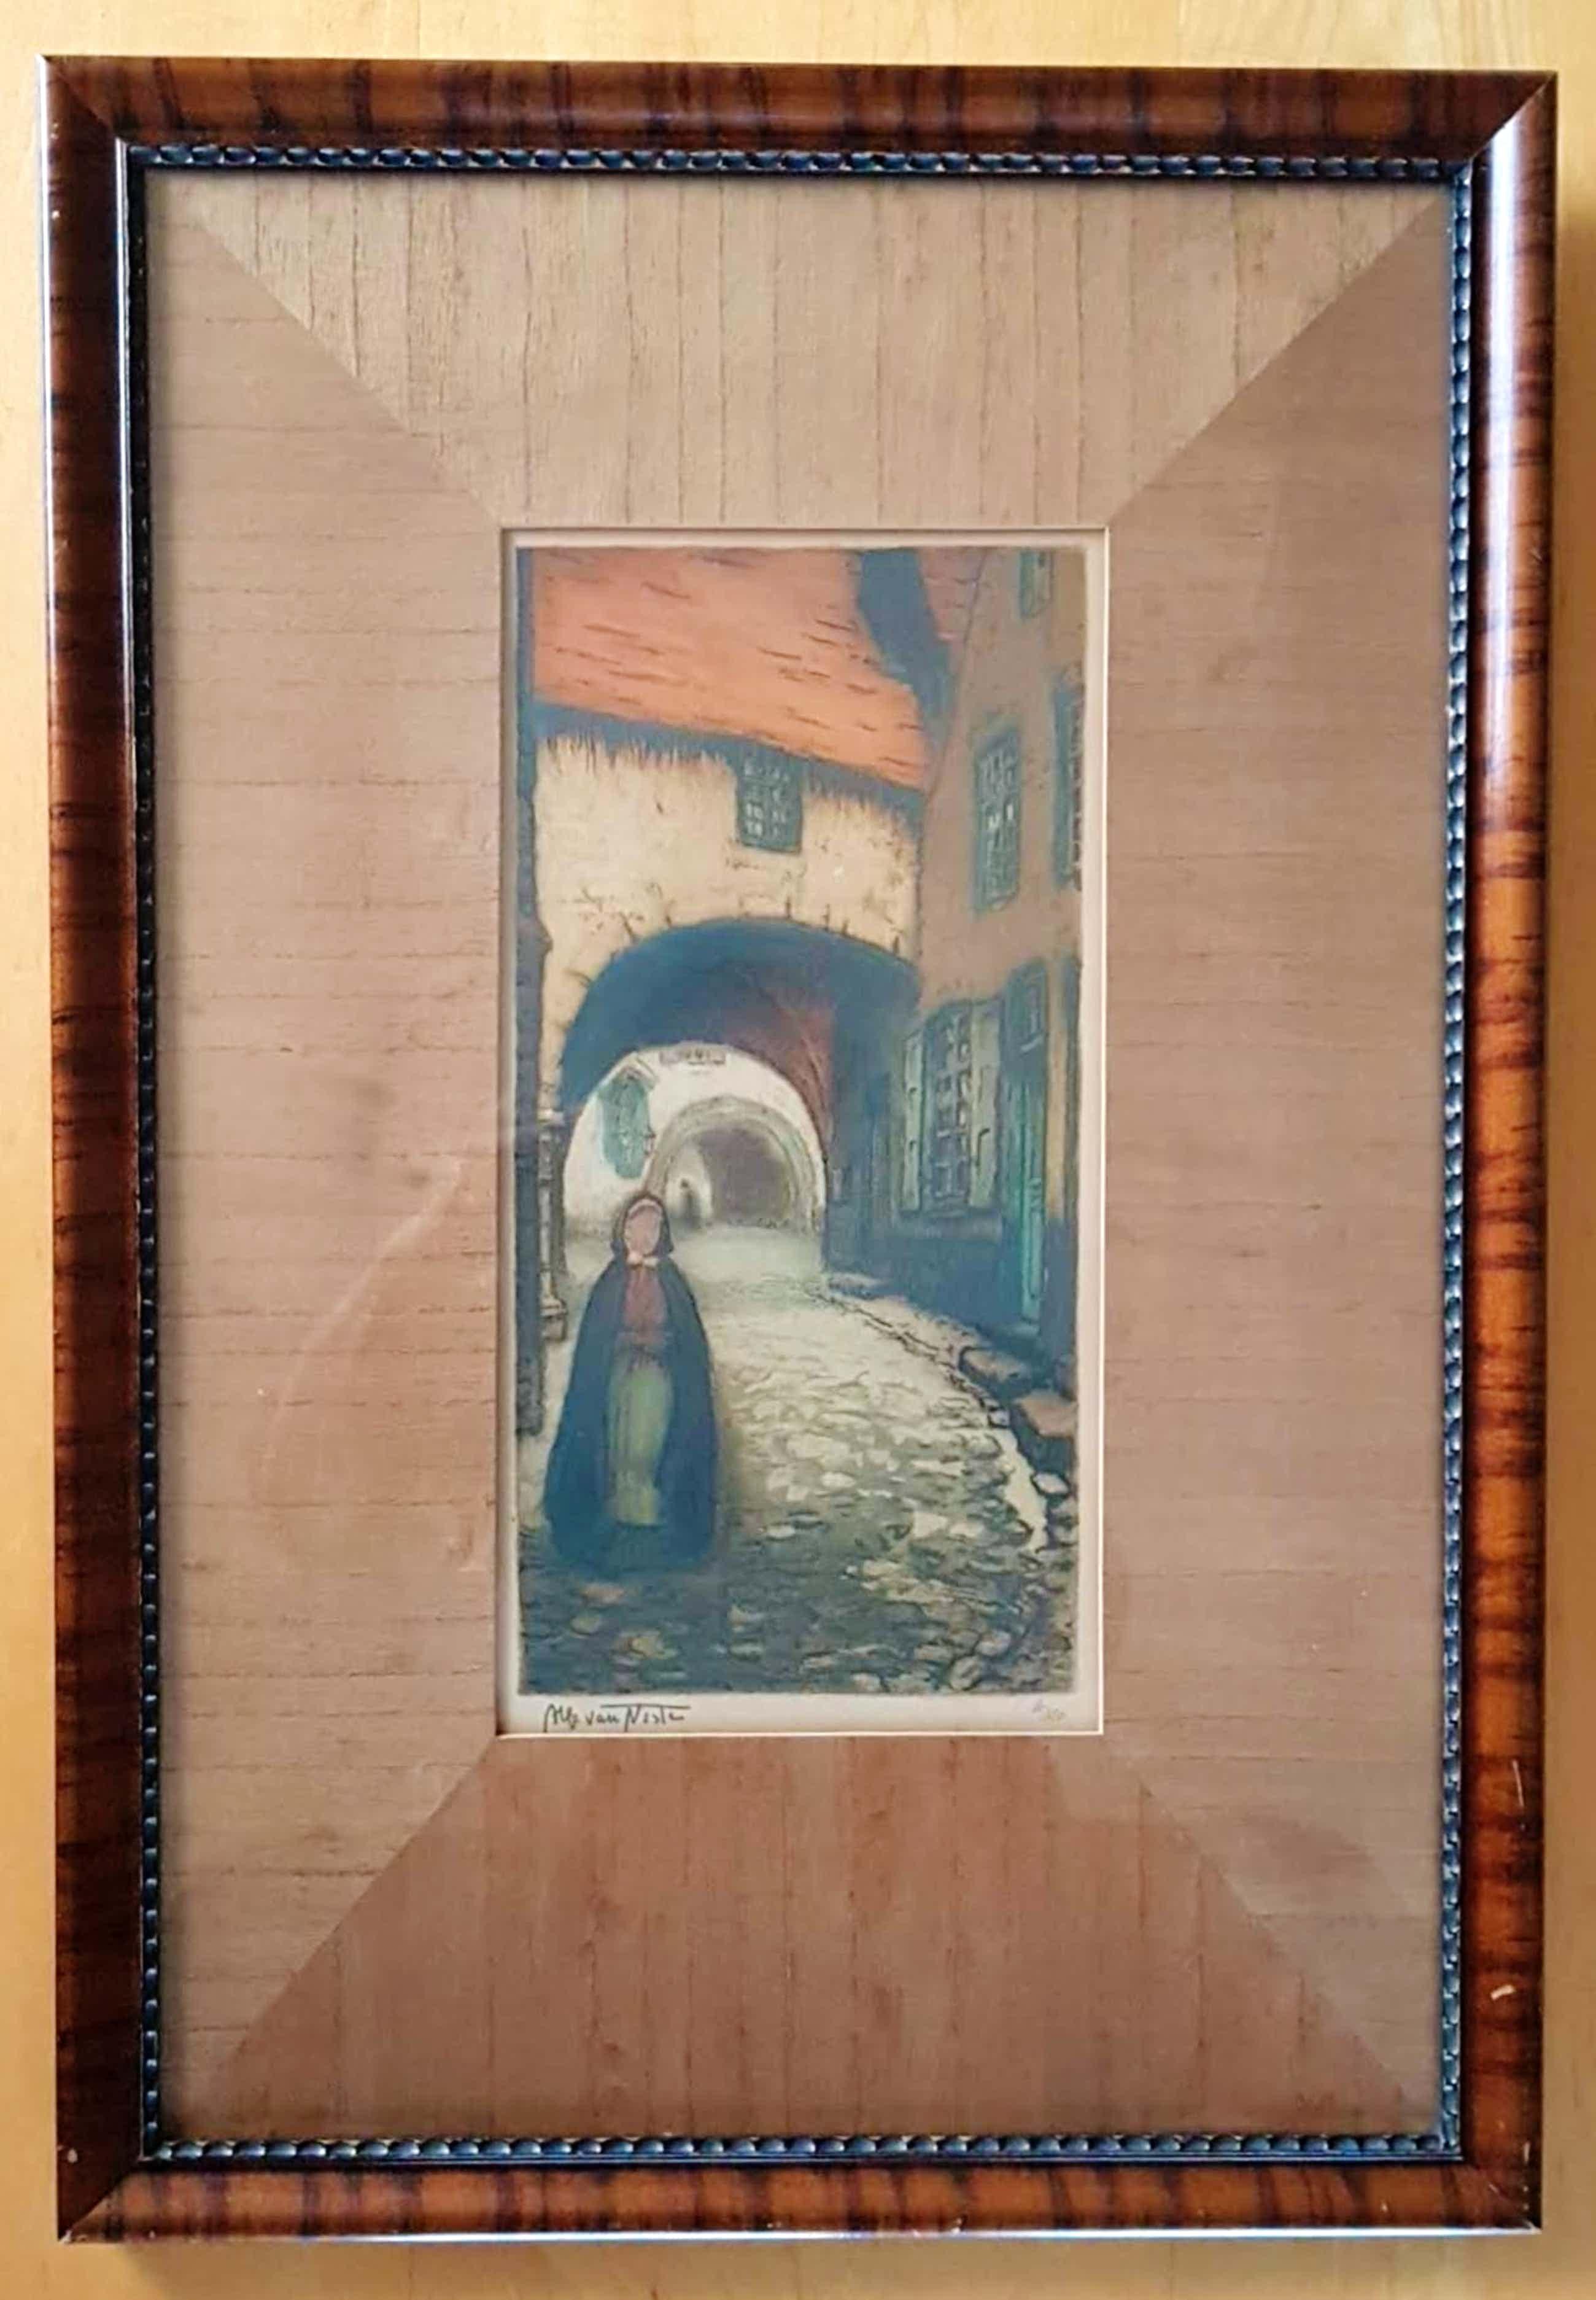 Alfred van Neste - Doorkijkje Brugge kopen? Bied vanaf 30!